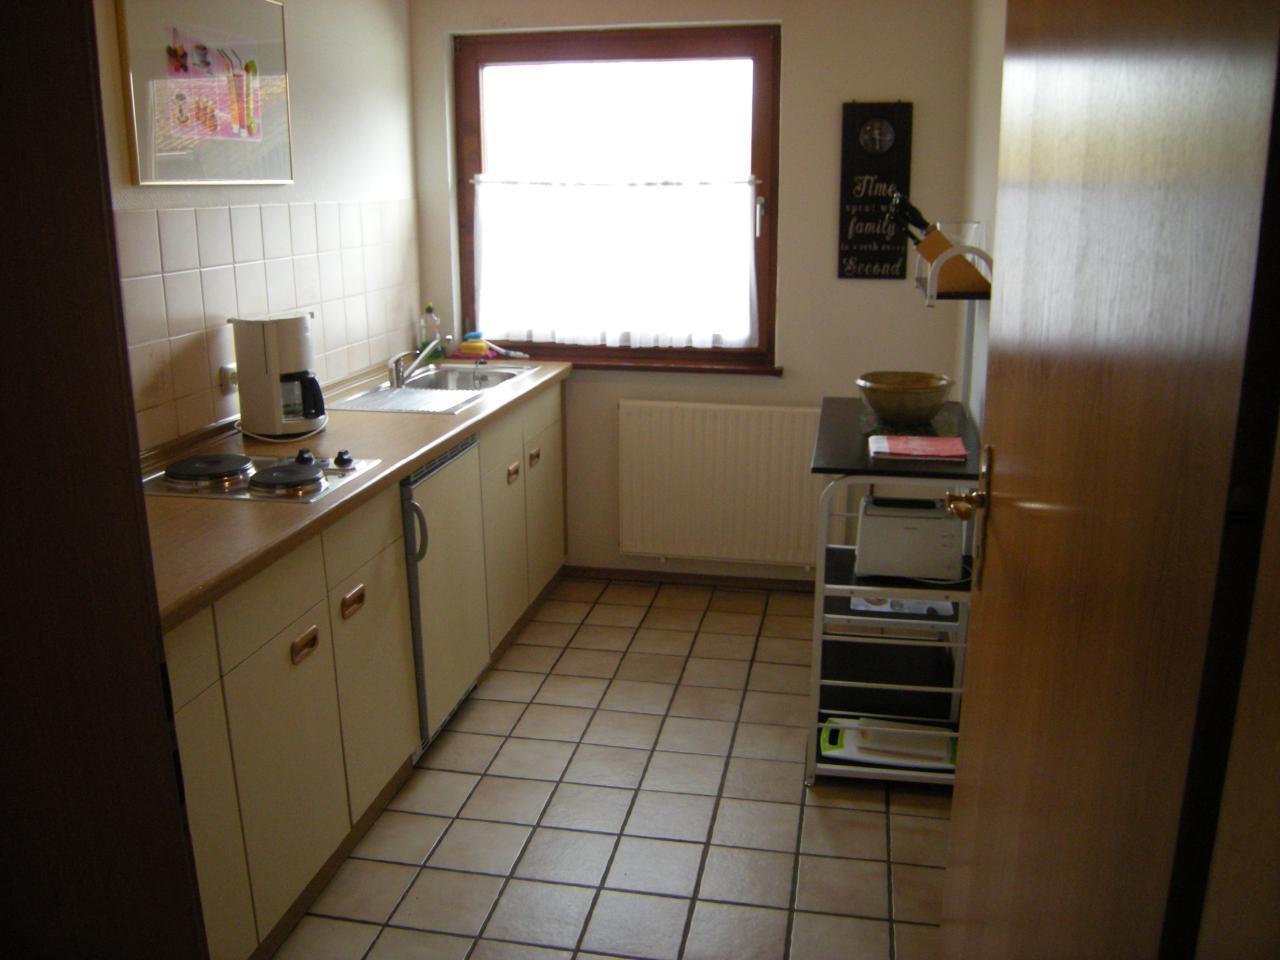 Ferienhaus Bugalow Type B für max. 6 Personen (761038), Dipperz, Rhön (Hessen), Hessen, Deutschland, Bild 7